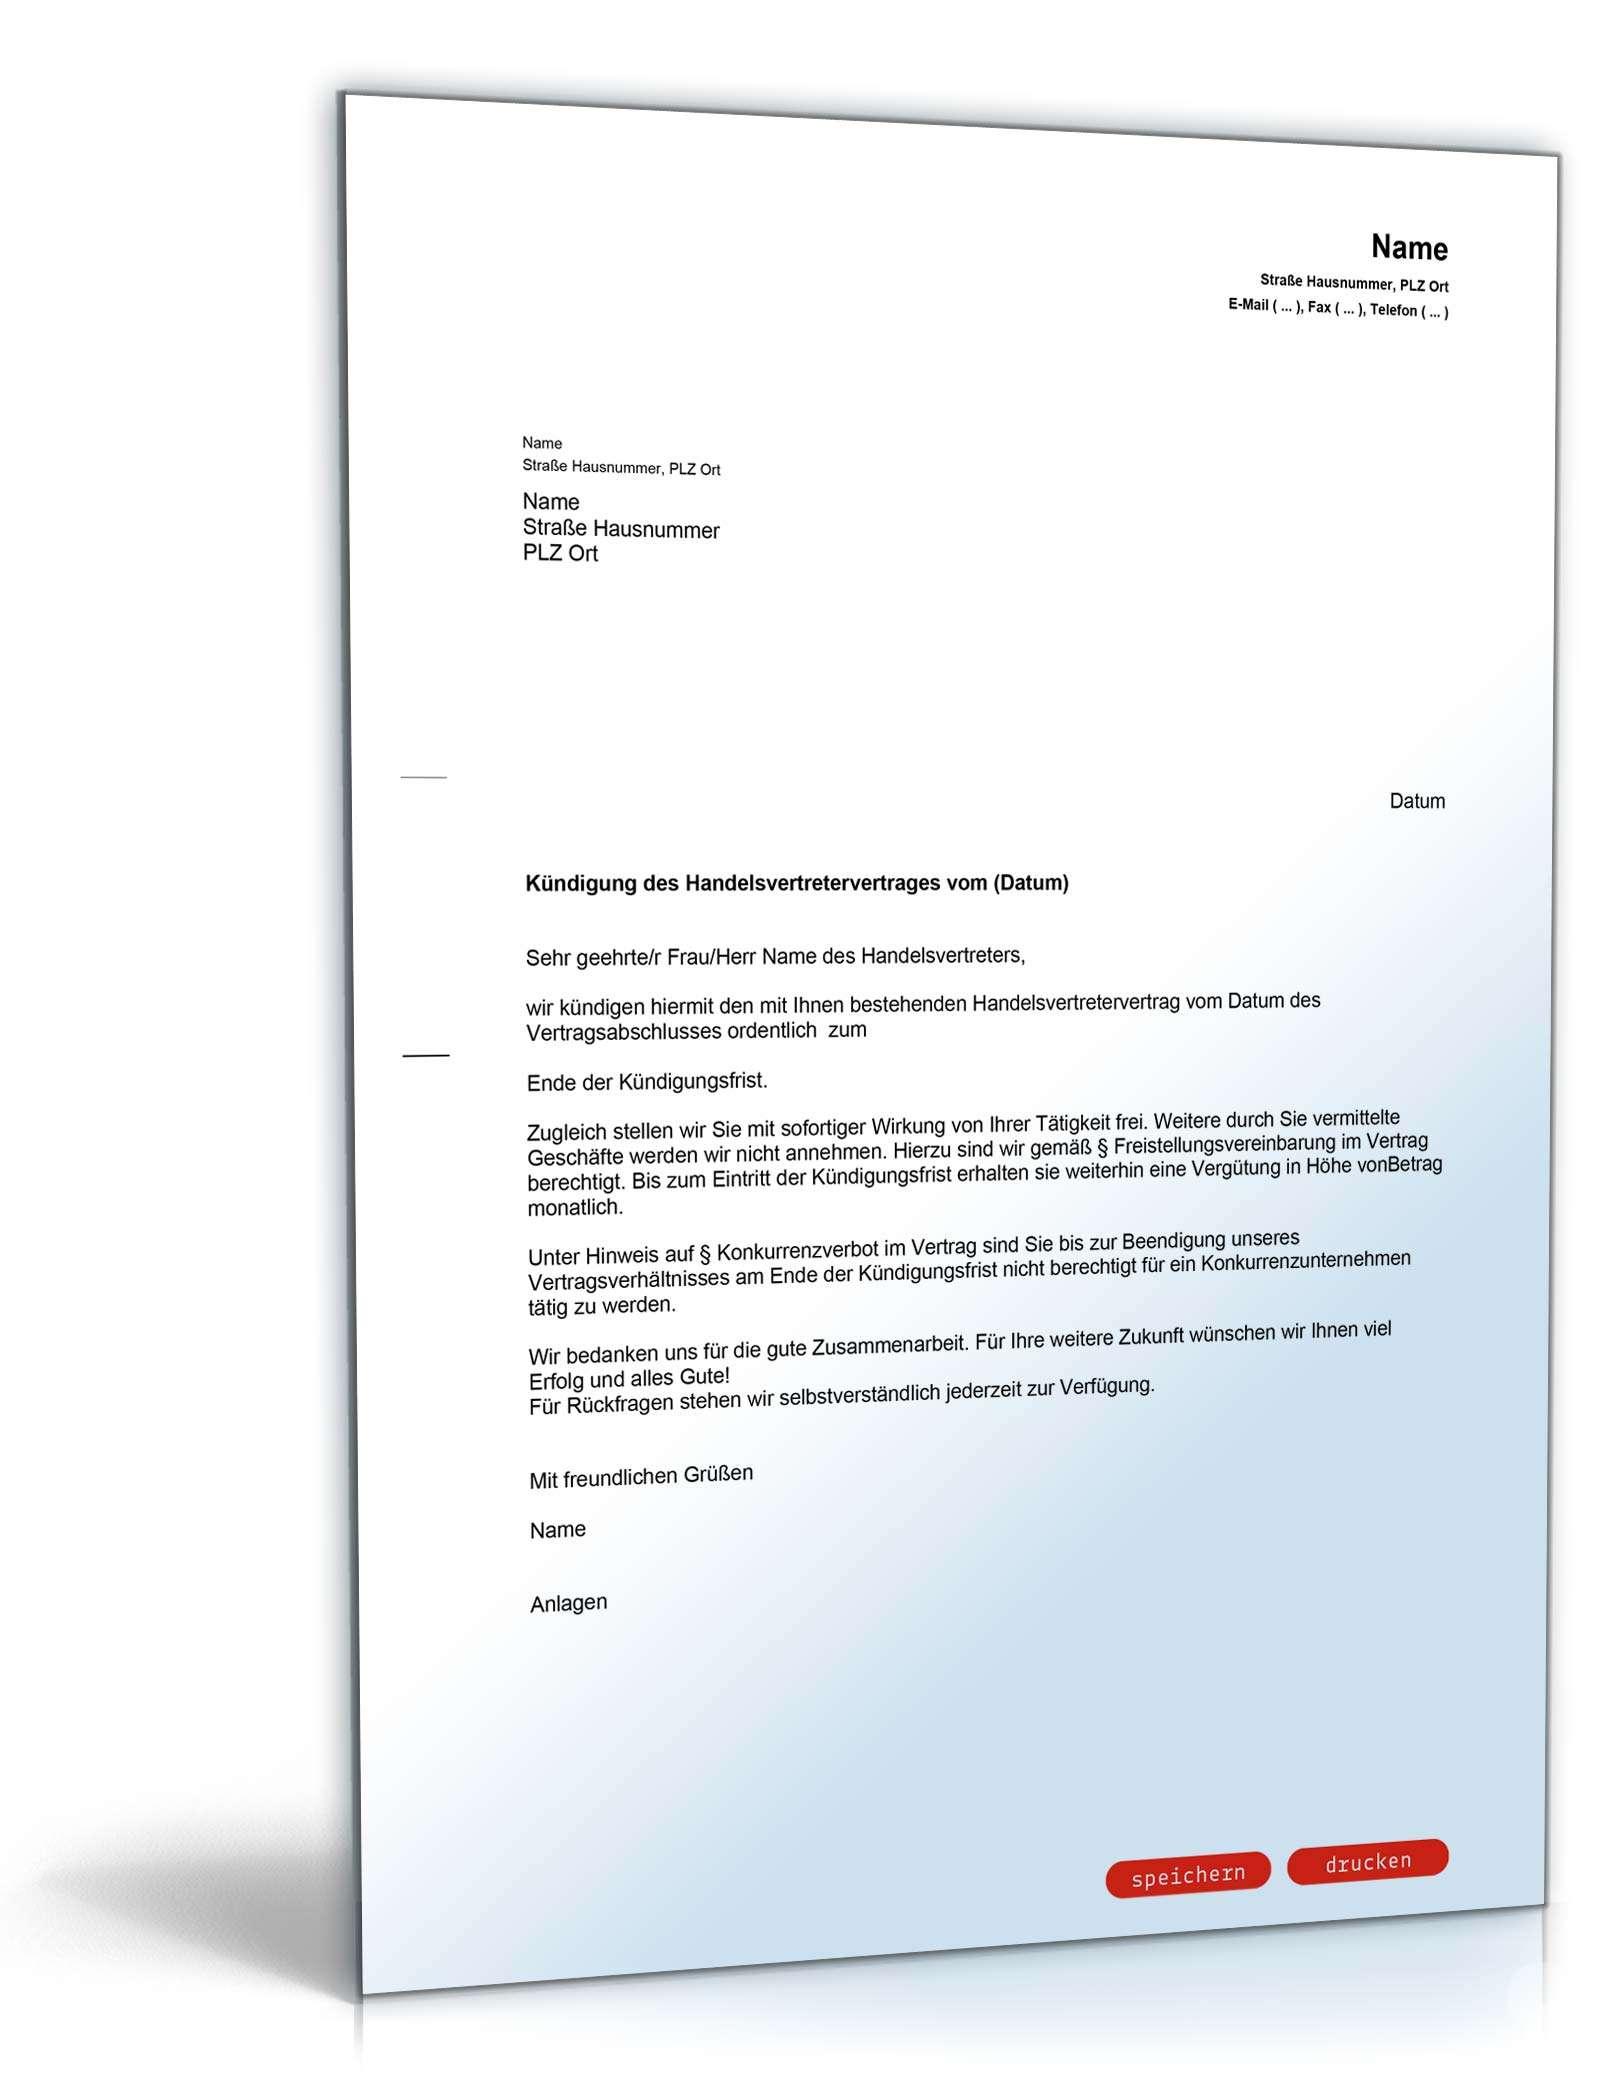 fristgeme kndigung handelsvertreter - Muster Kundigungsschreiben